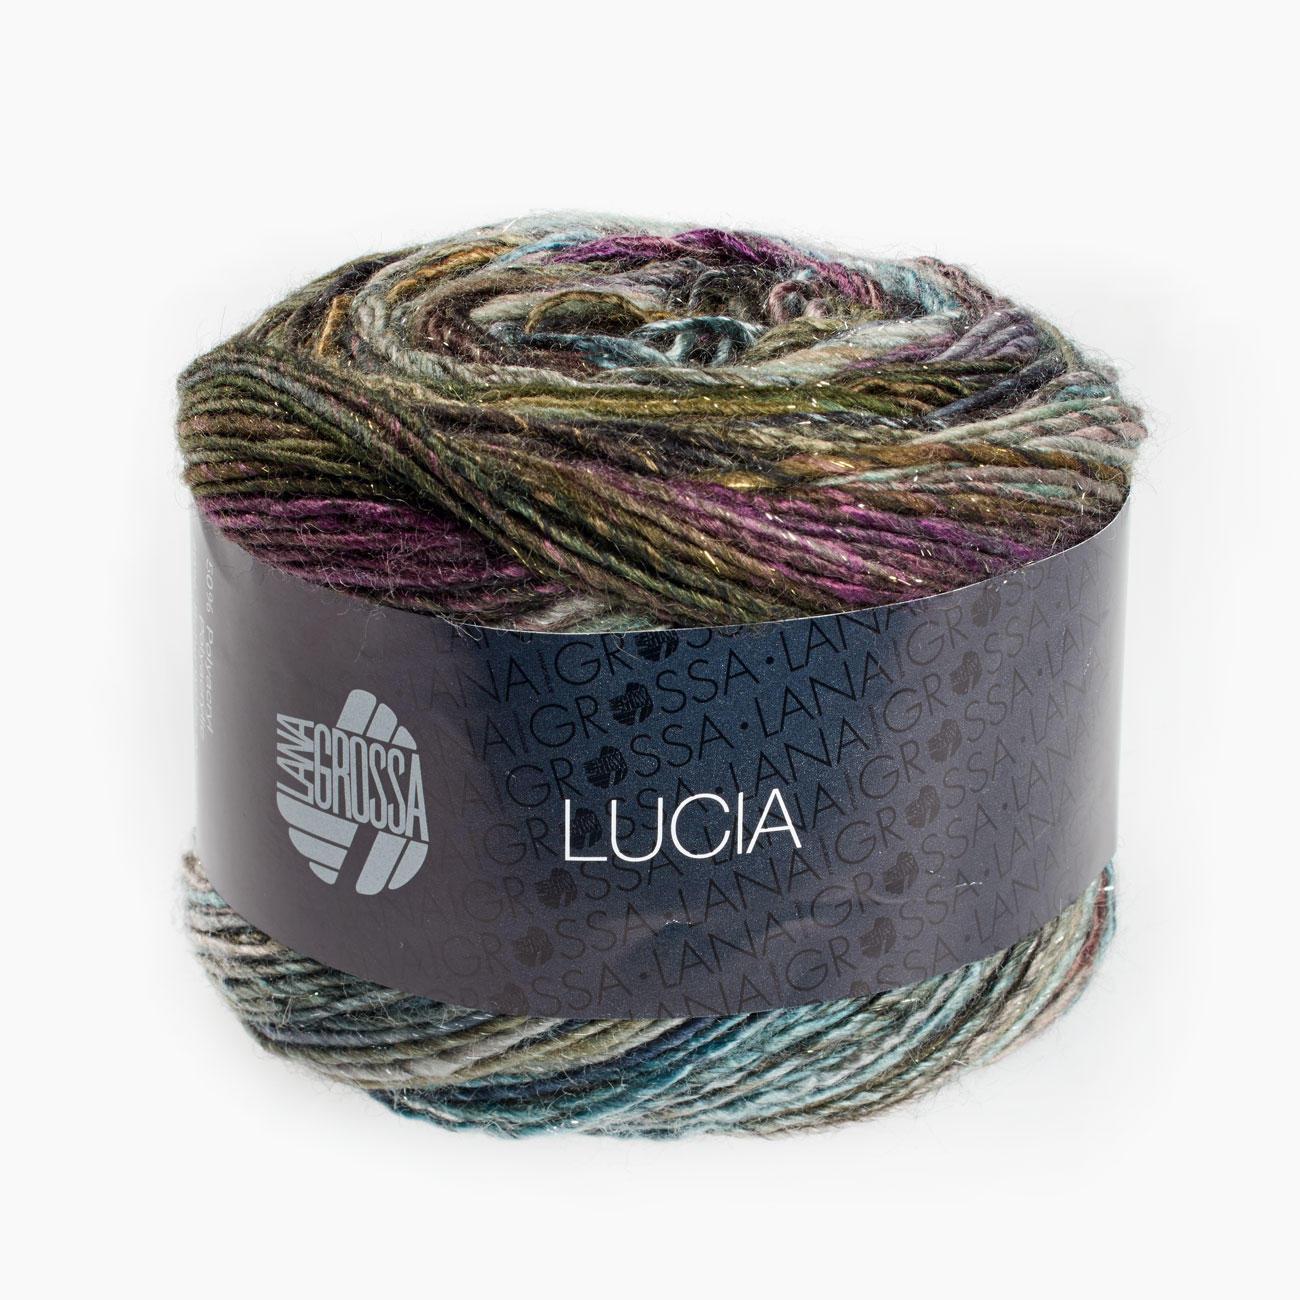 Lucia Lana Grossa 100g  Farbe 204 Gold//Braun//Orange//Anthrazit//Aubergine